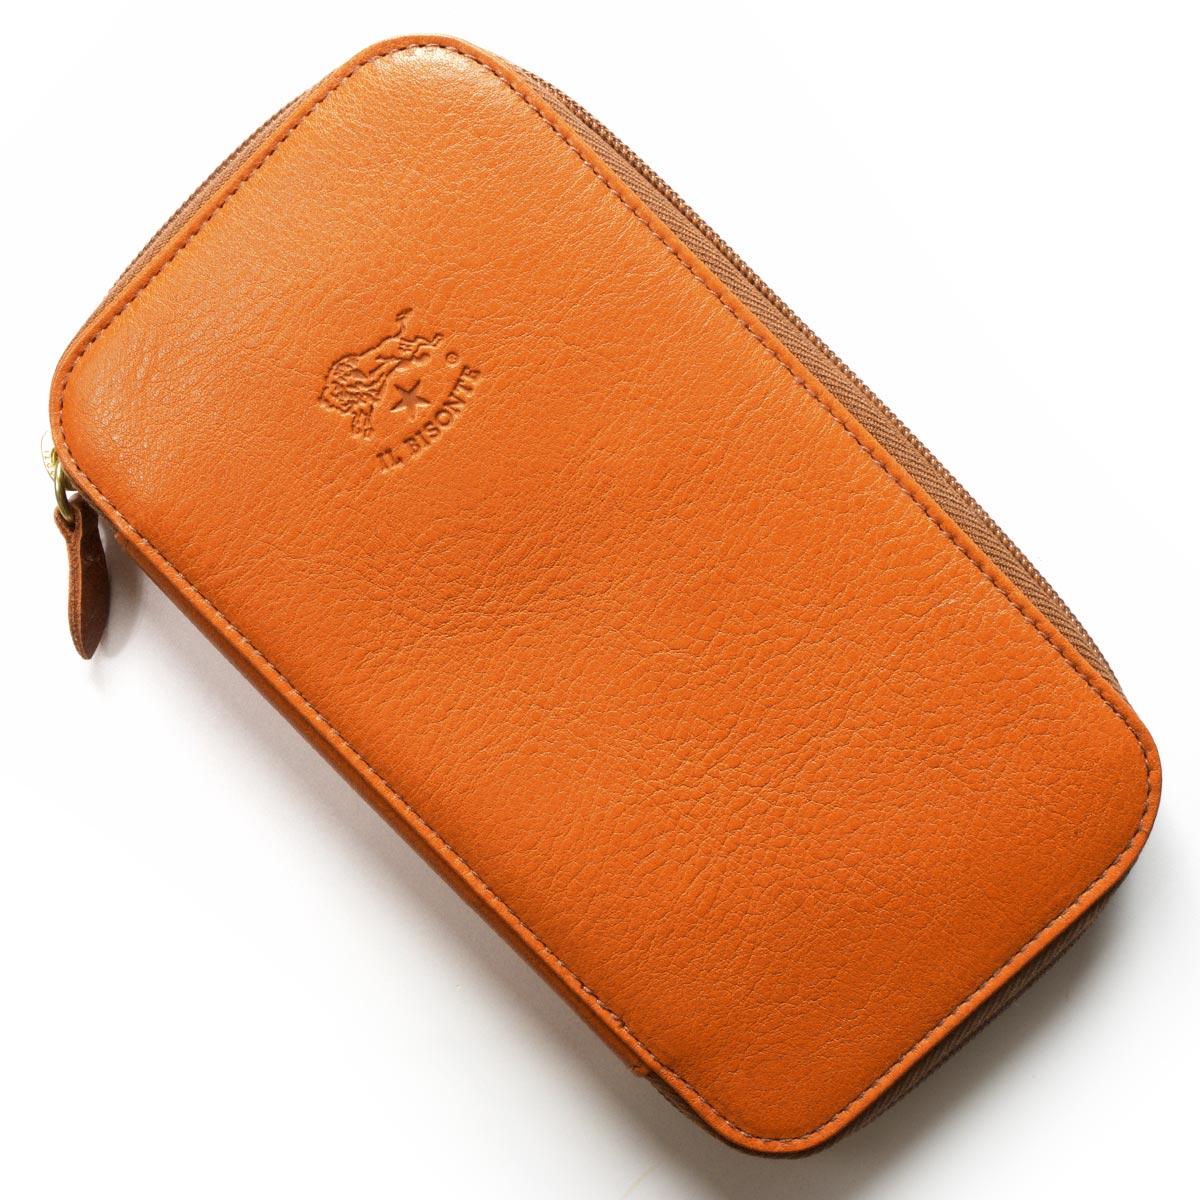 イルビゾンテ 長財布 財布 メンズ レディース スタンダード オレンジ C0443 P 166 IL BISONTE